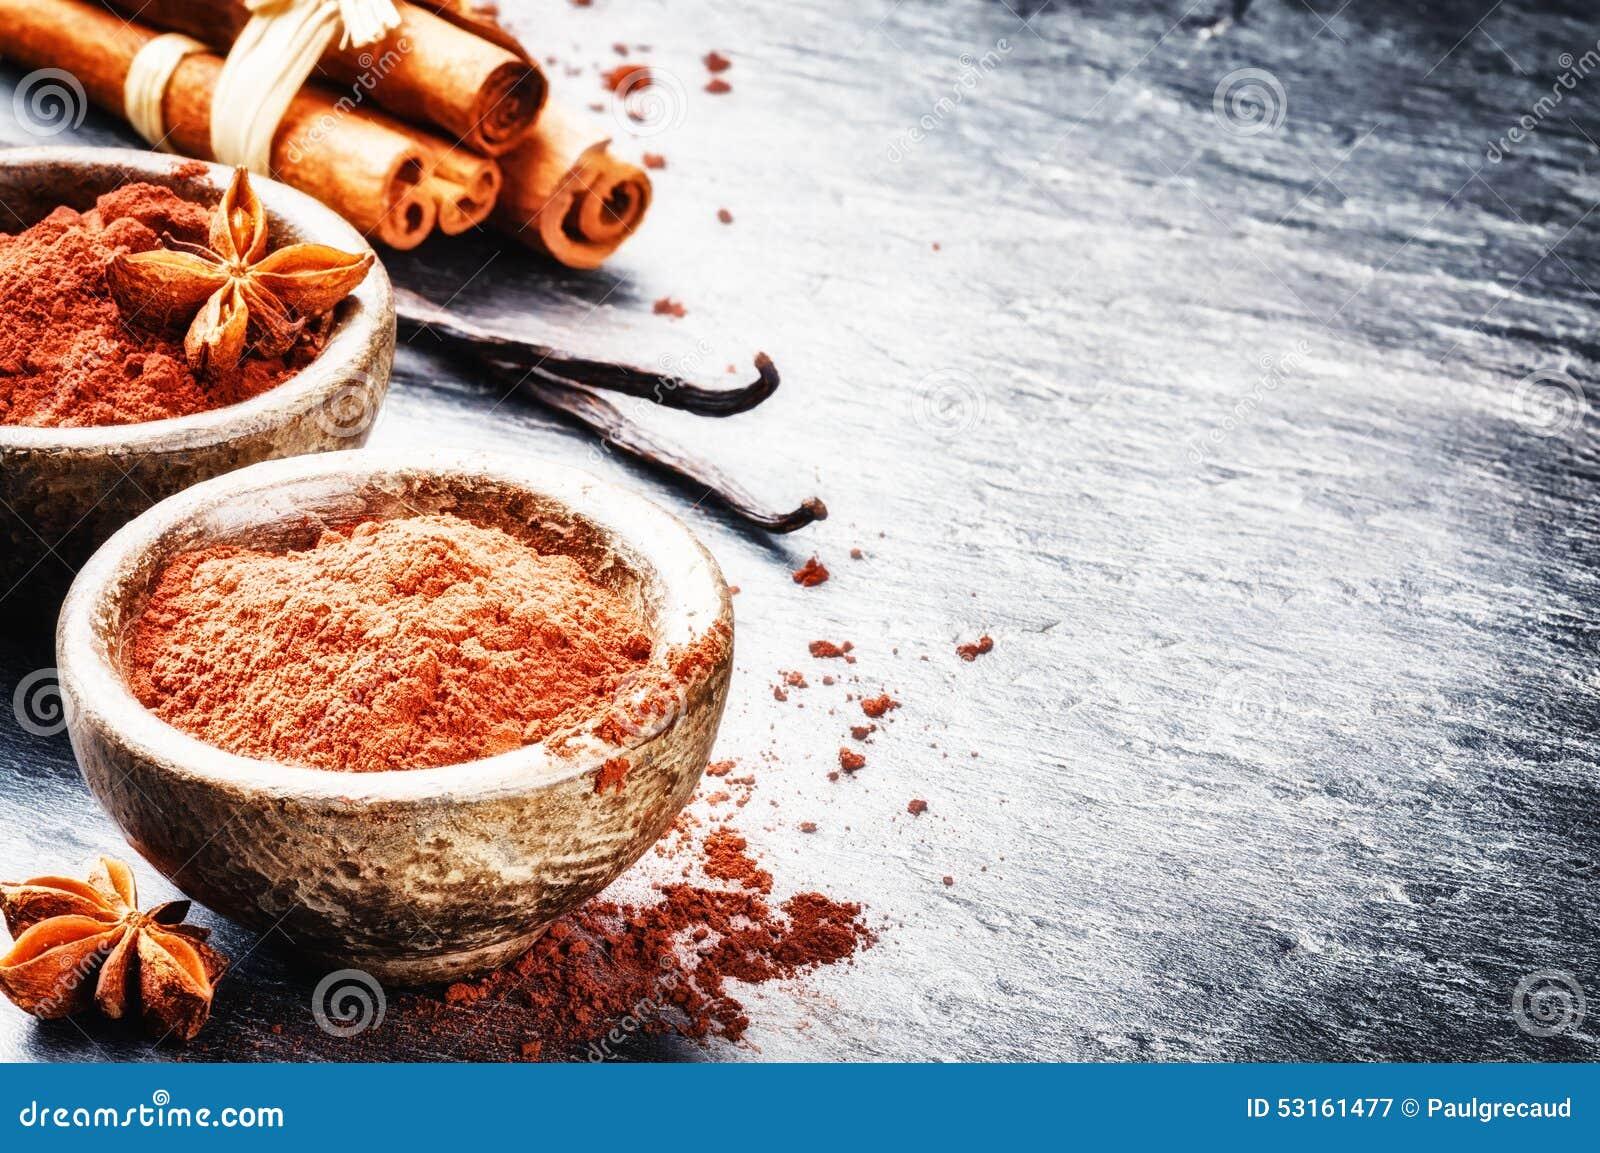 Setting with cocoa powder, vanilla and cinnamon sticks